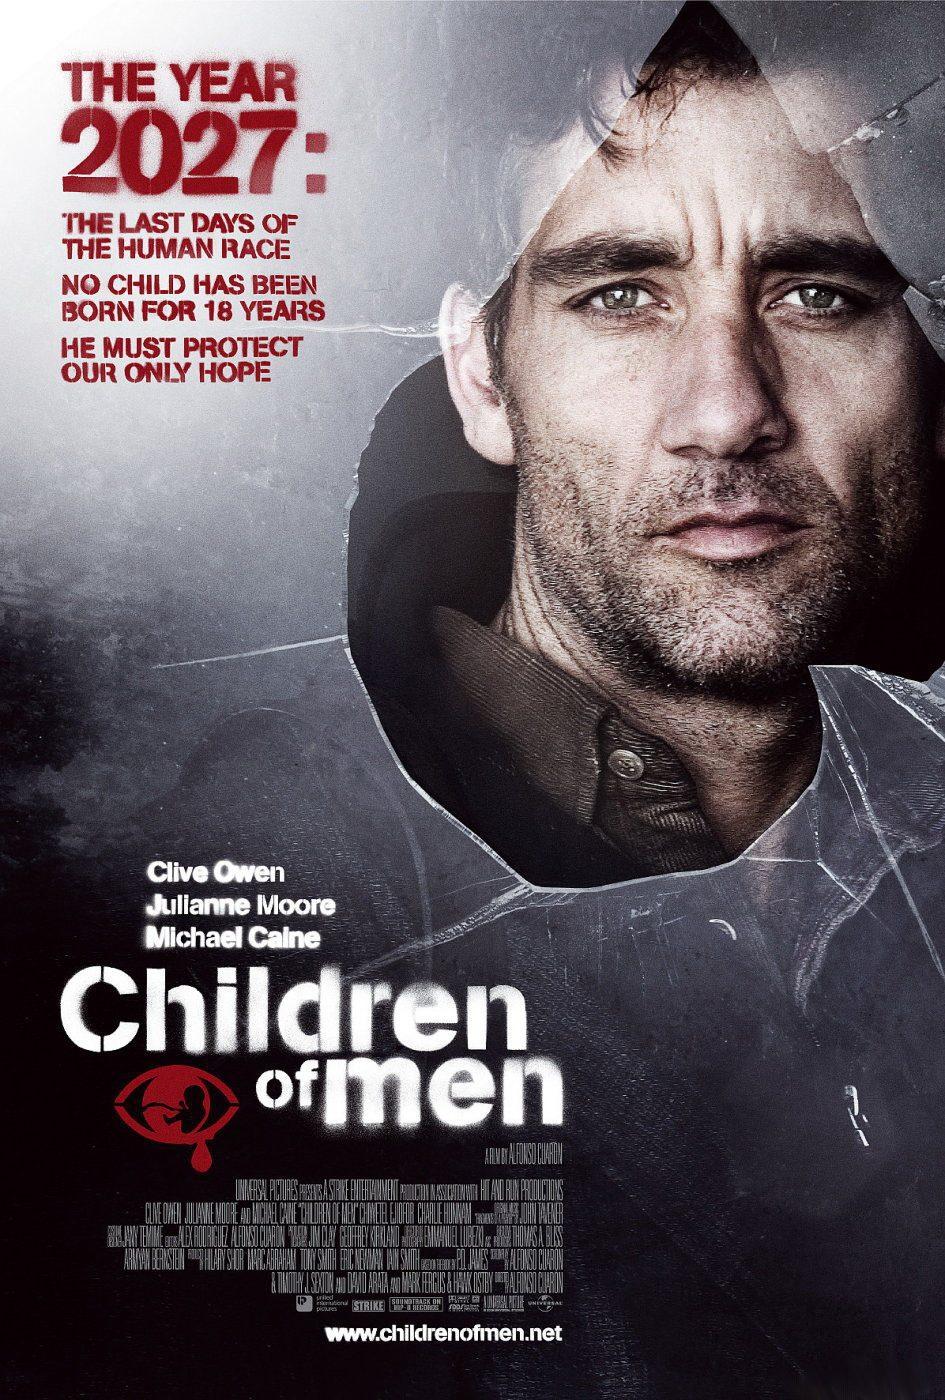 EEUU poster for Children of Men